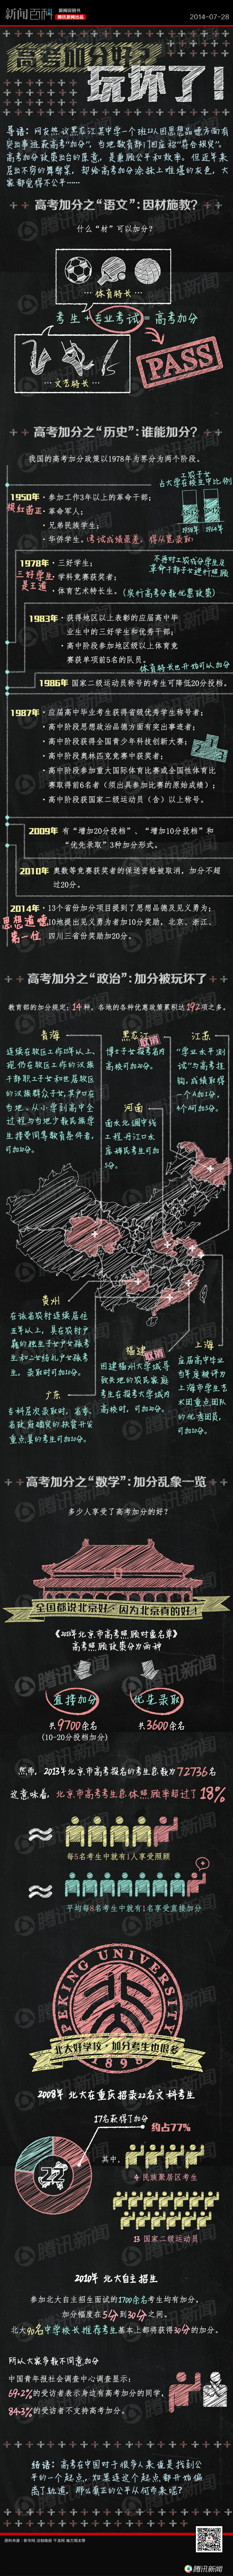 高考加分 -          之乎也者 - 中国奇石●汉江奇石文化俱乐部